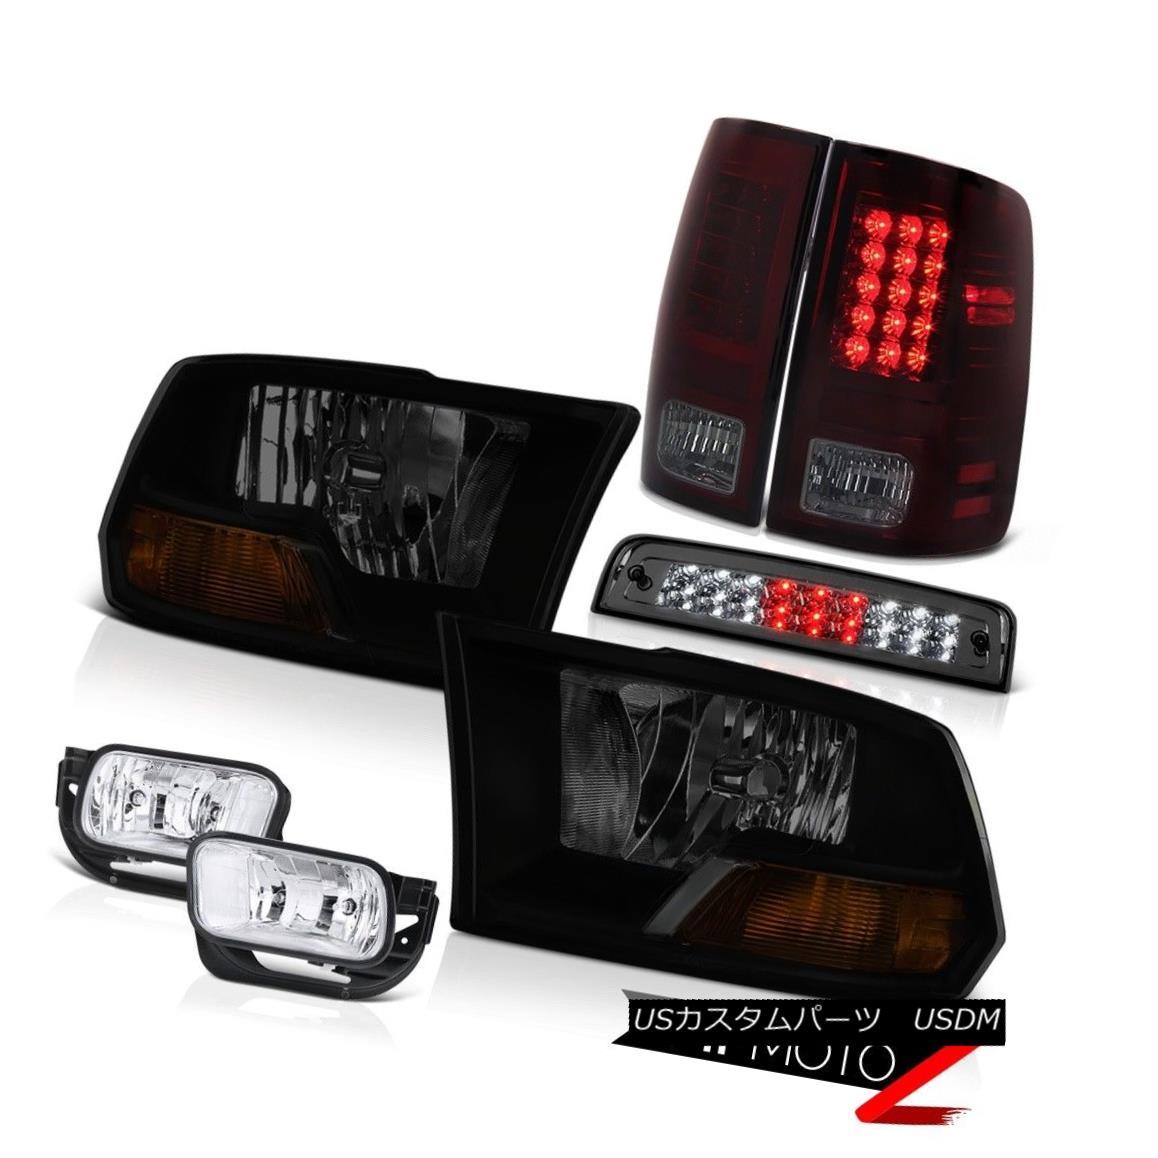 テールライト 2010-2018 Dodge Ram 3500 5.7L Fog Lamps High Stop Lamp Tail Headlamps LED SMD 2010-2018 Dodge Ram 3500 5.7LフォグランプハイストップランプテールヘッドランプLED SMD